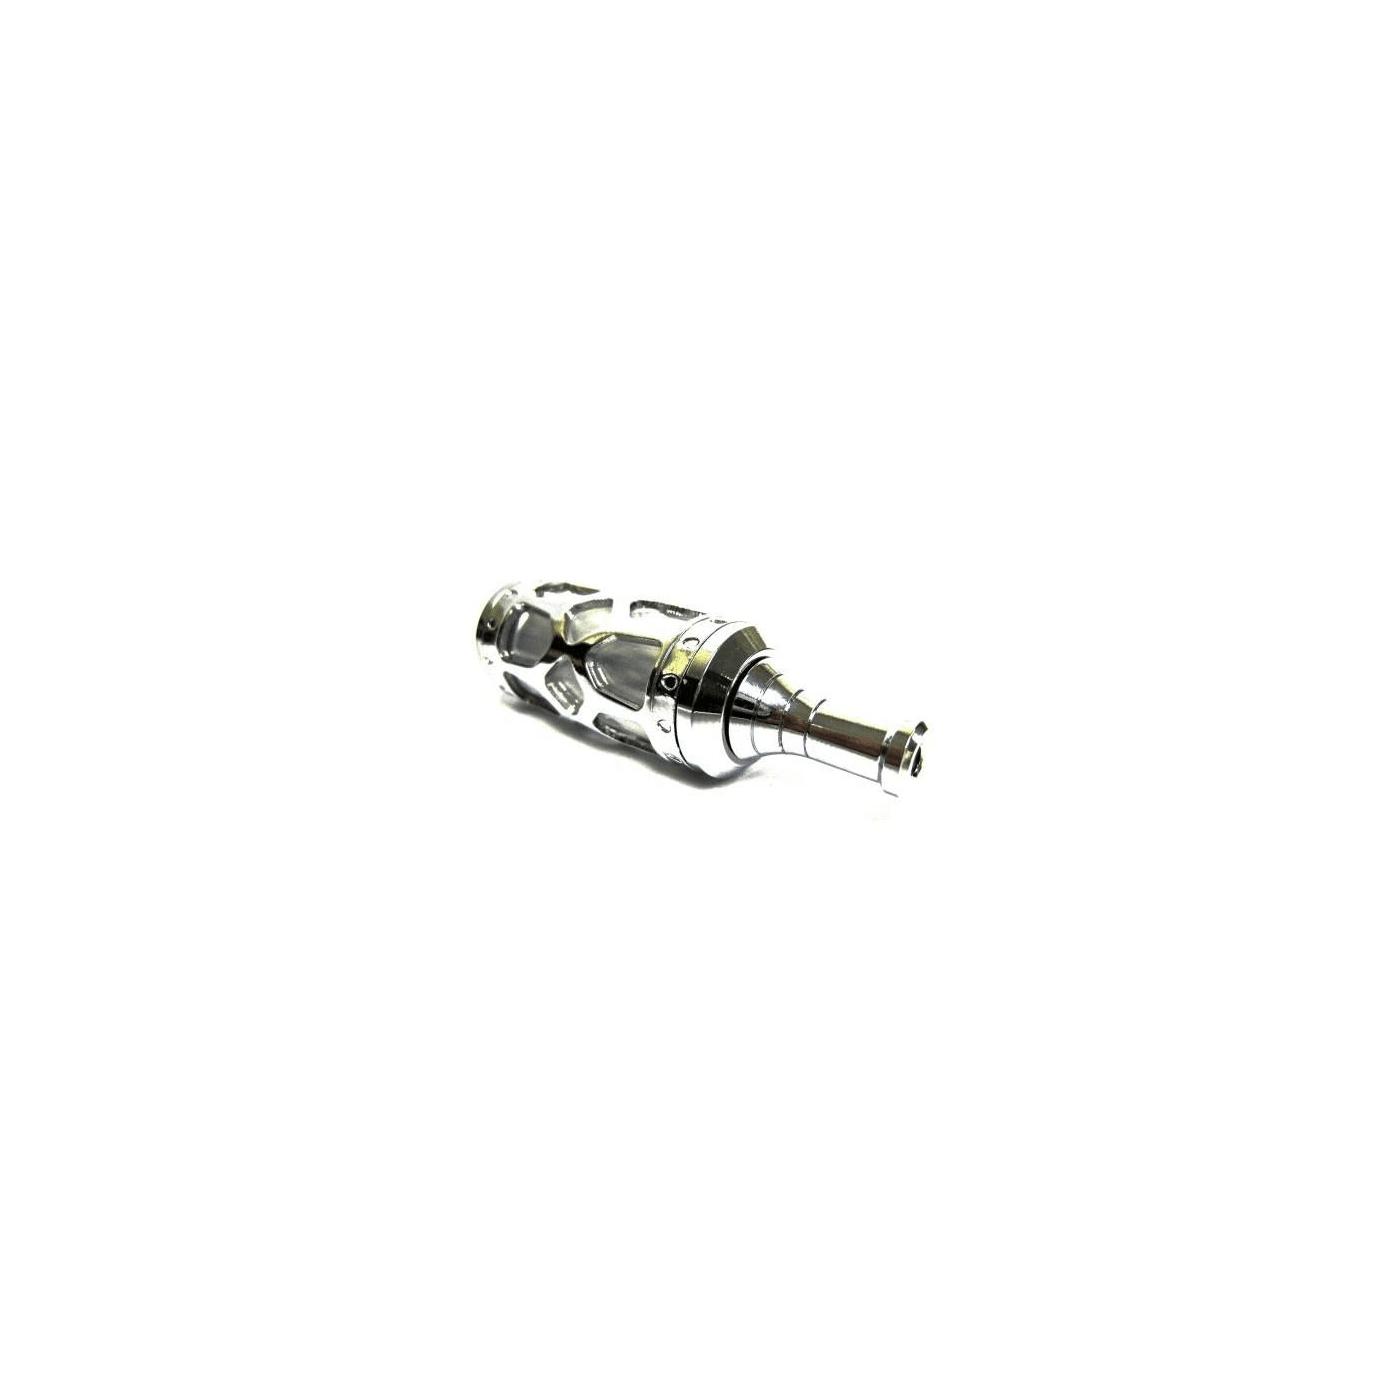 Raven Tank 2.6 - 2.8 ohms